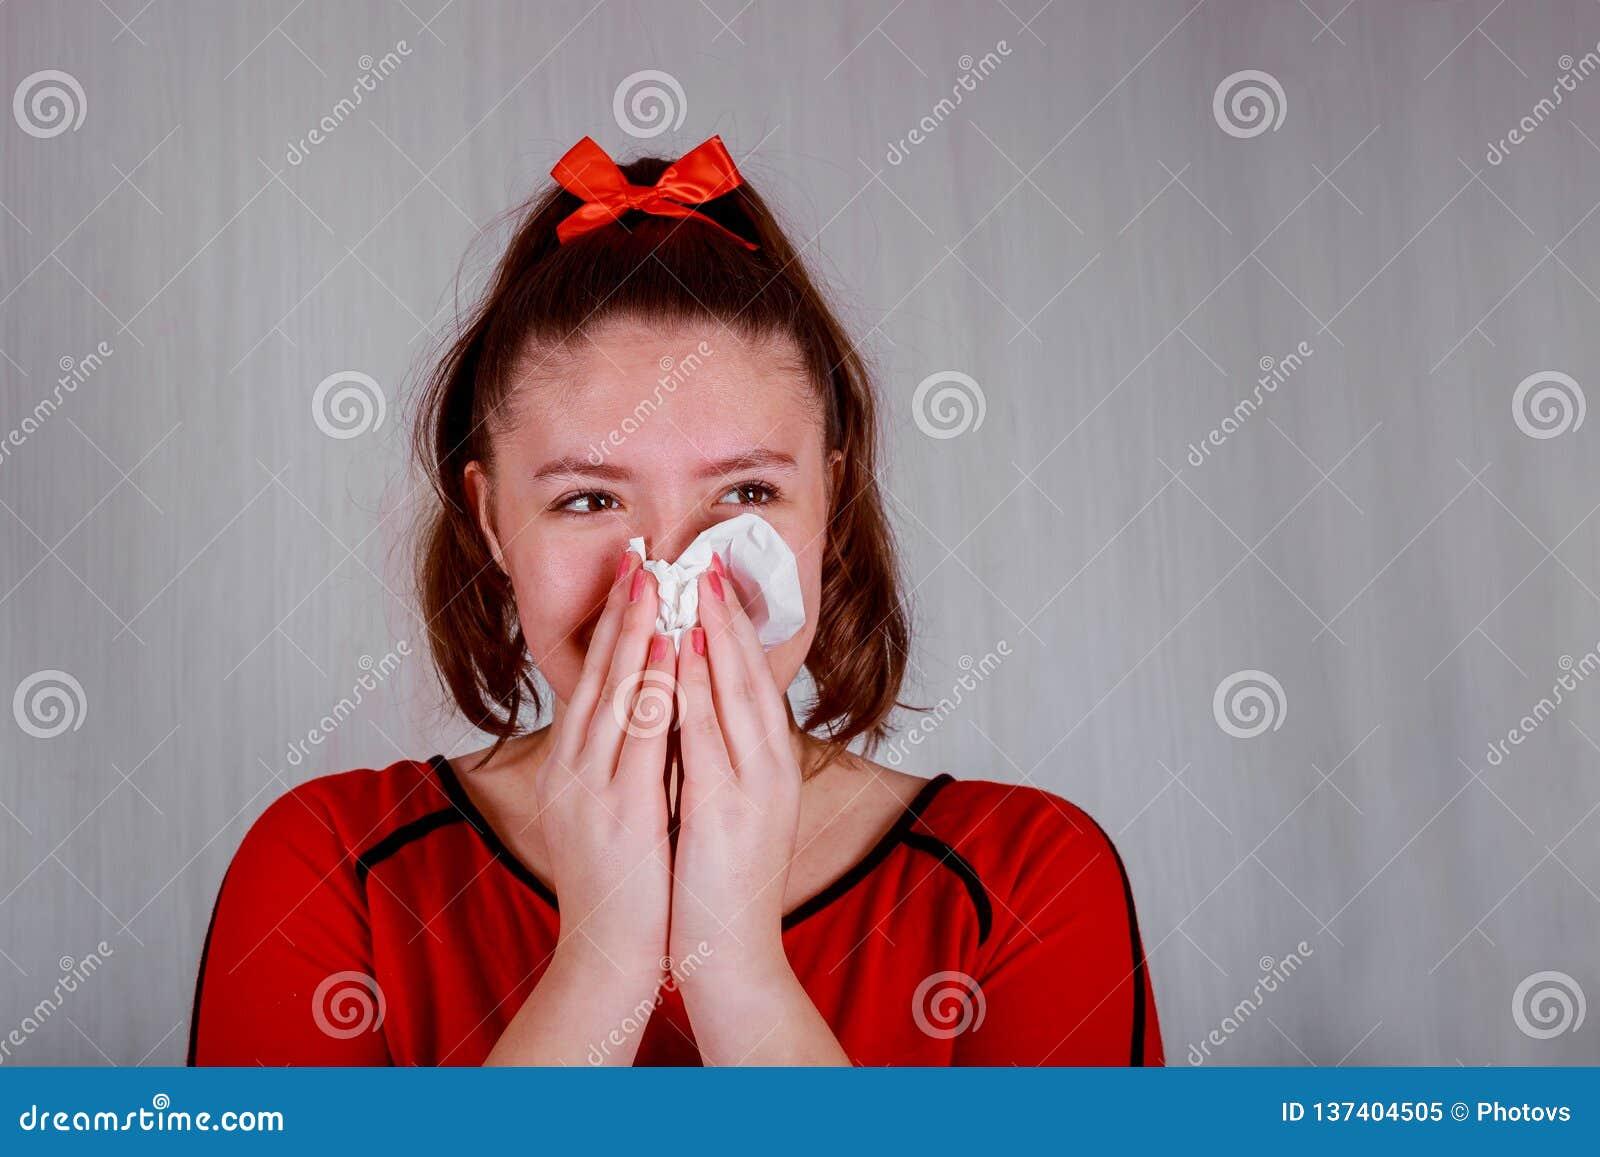 Portrait de plan rapproché de jolie fille éternuant ou employant la serviette pour essuyer la morve de son nez